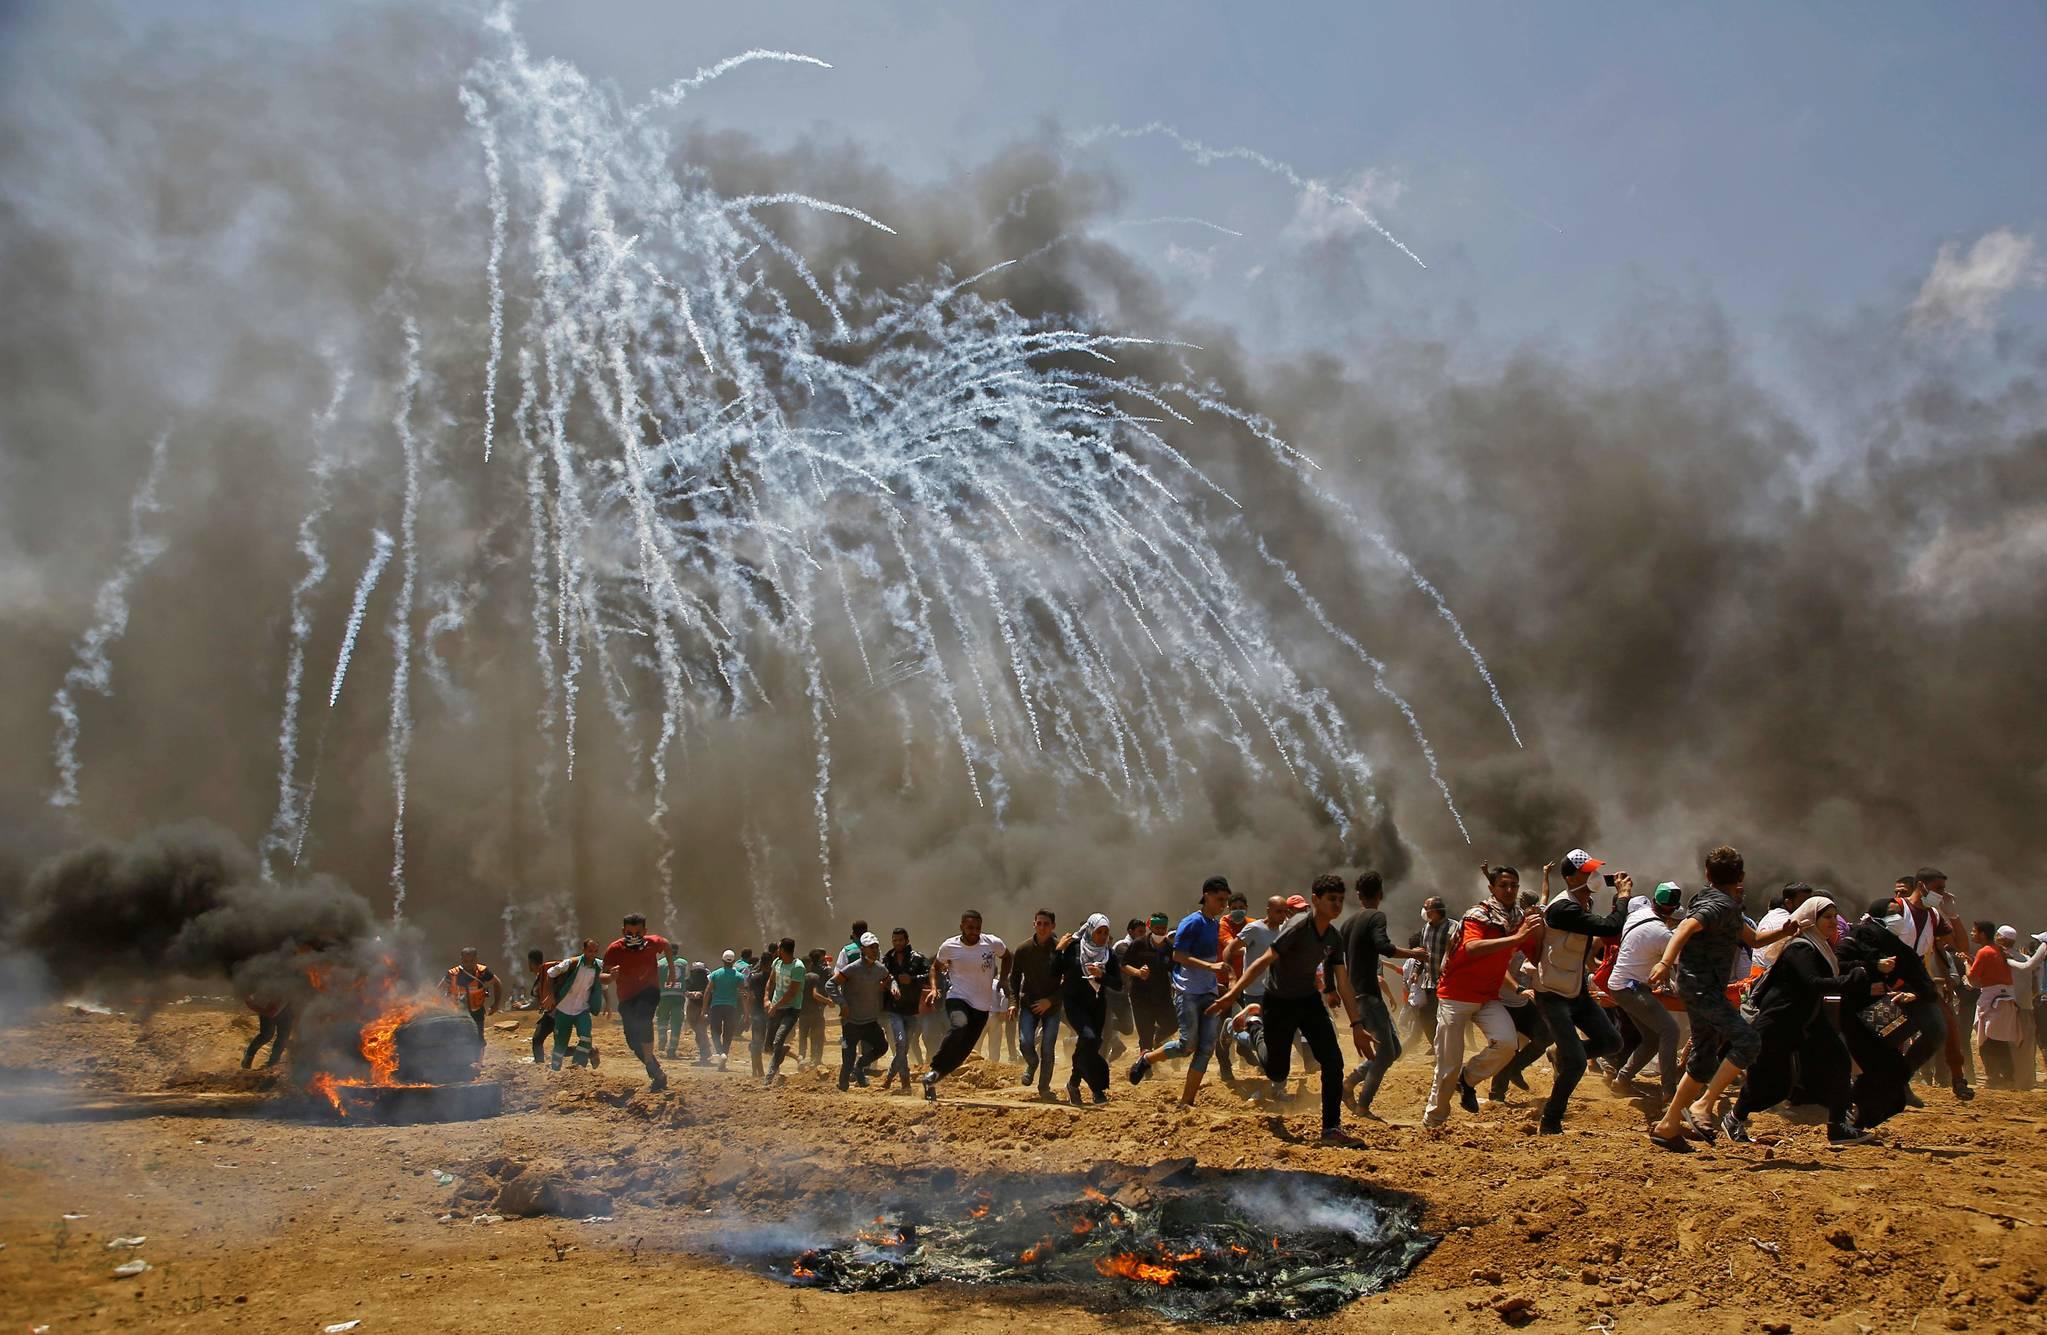 미국대사관의 예루살렘 이전에 반대하는 팔레스타인들이 14일(현지시간) 가자지구에서 이스라엘 군이 쏜 최루탄을 피해 도망치고 있다. [AFP=연합뉴스]